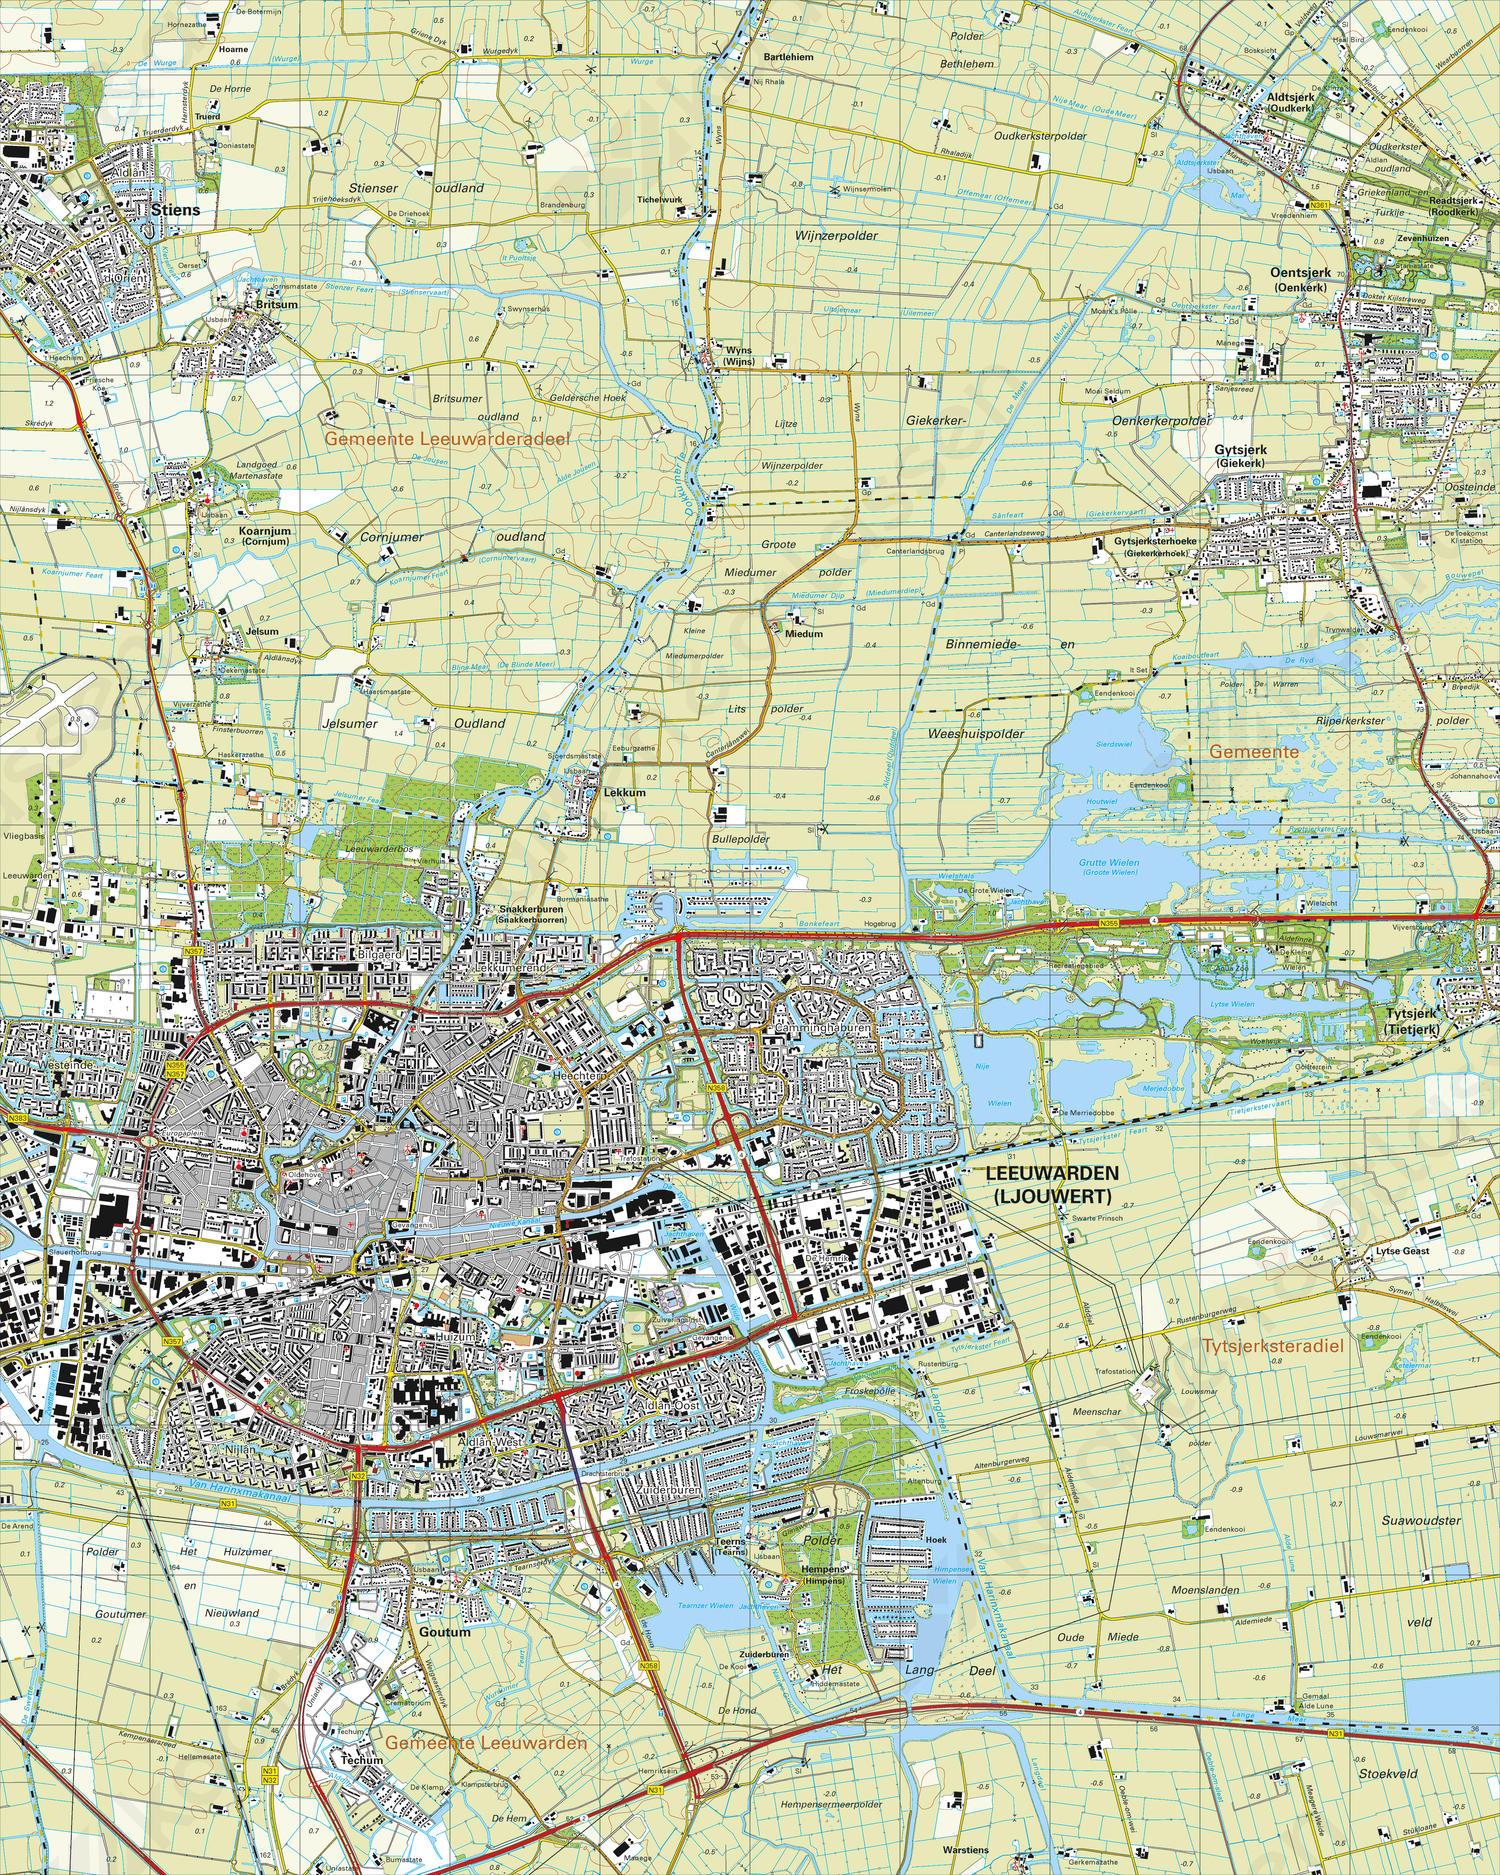 Topografische Kaart 6c Leeuwarden Kaarten En Atlassen Nl